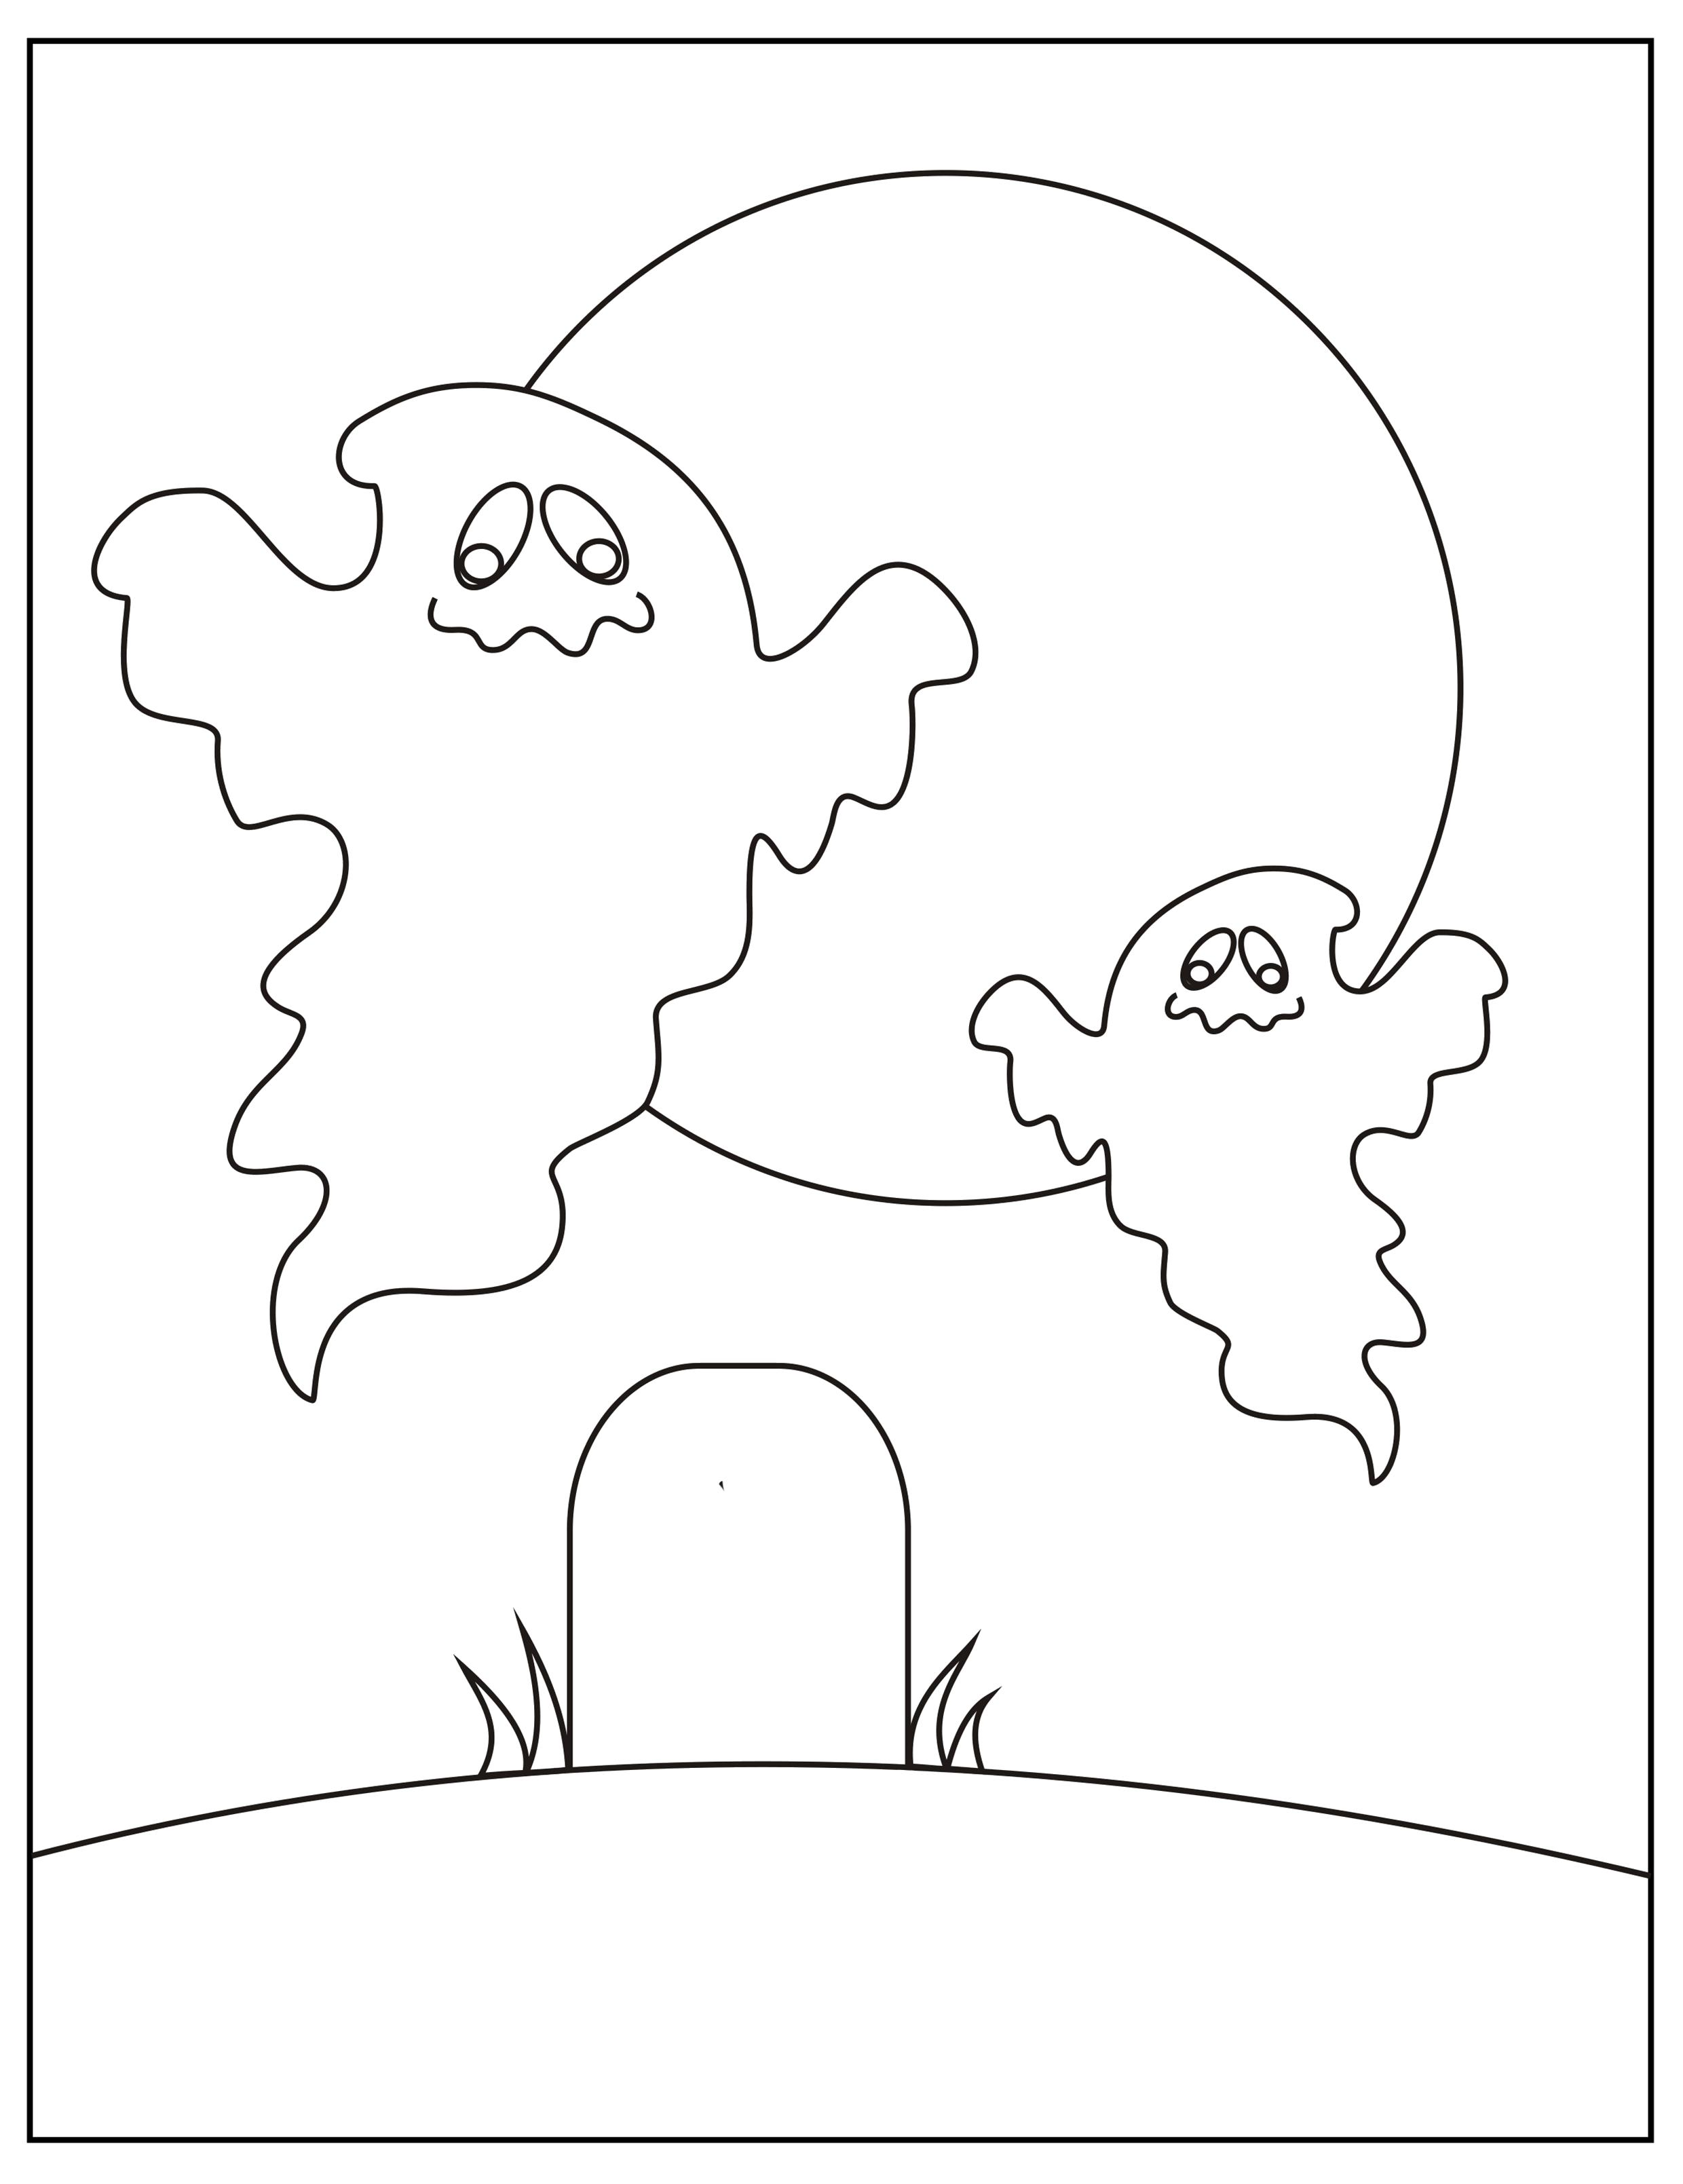 Раскраска Привидения. Скачать приведение.  Распечатать Хэллоуин